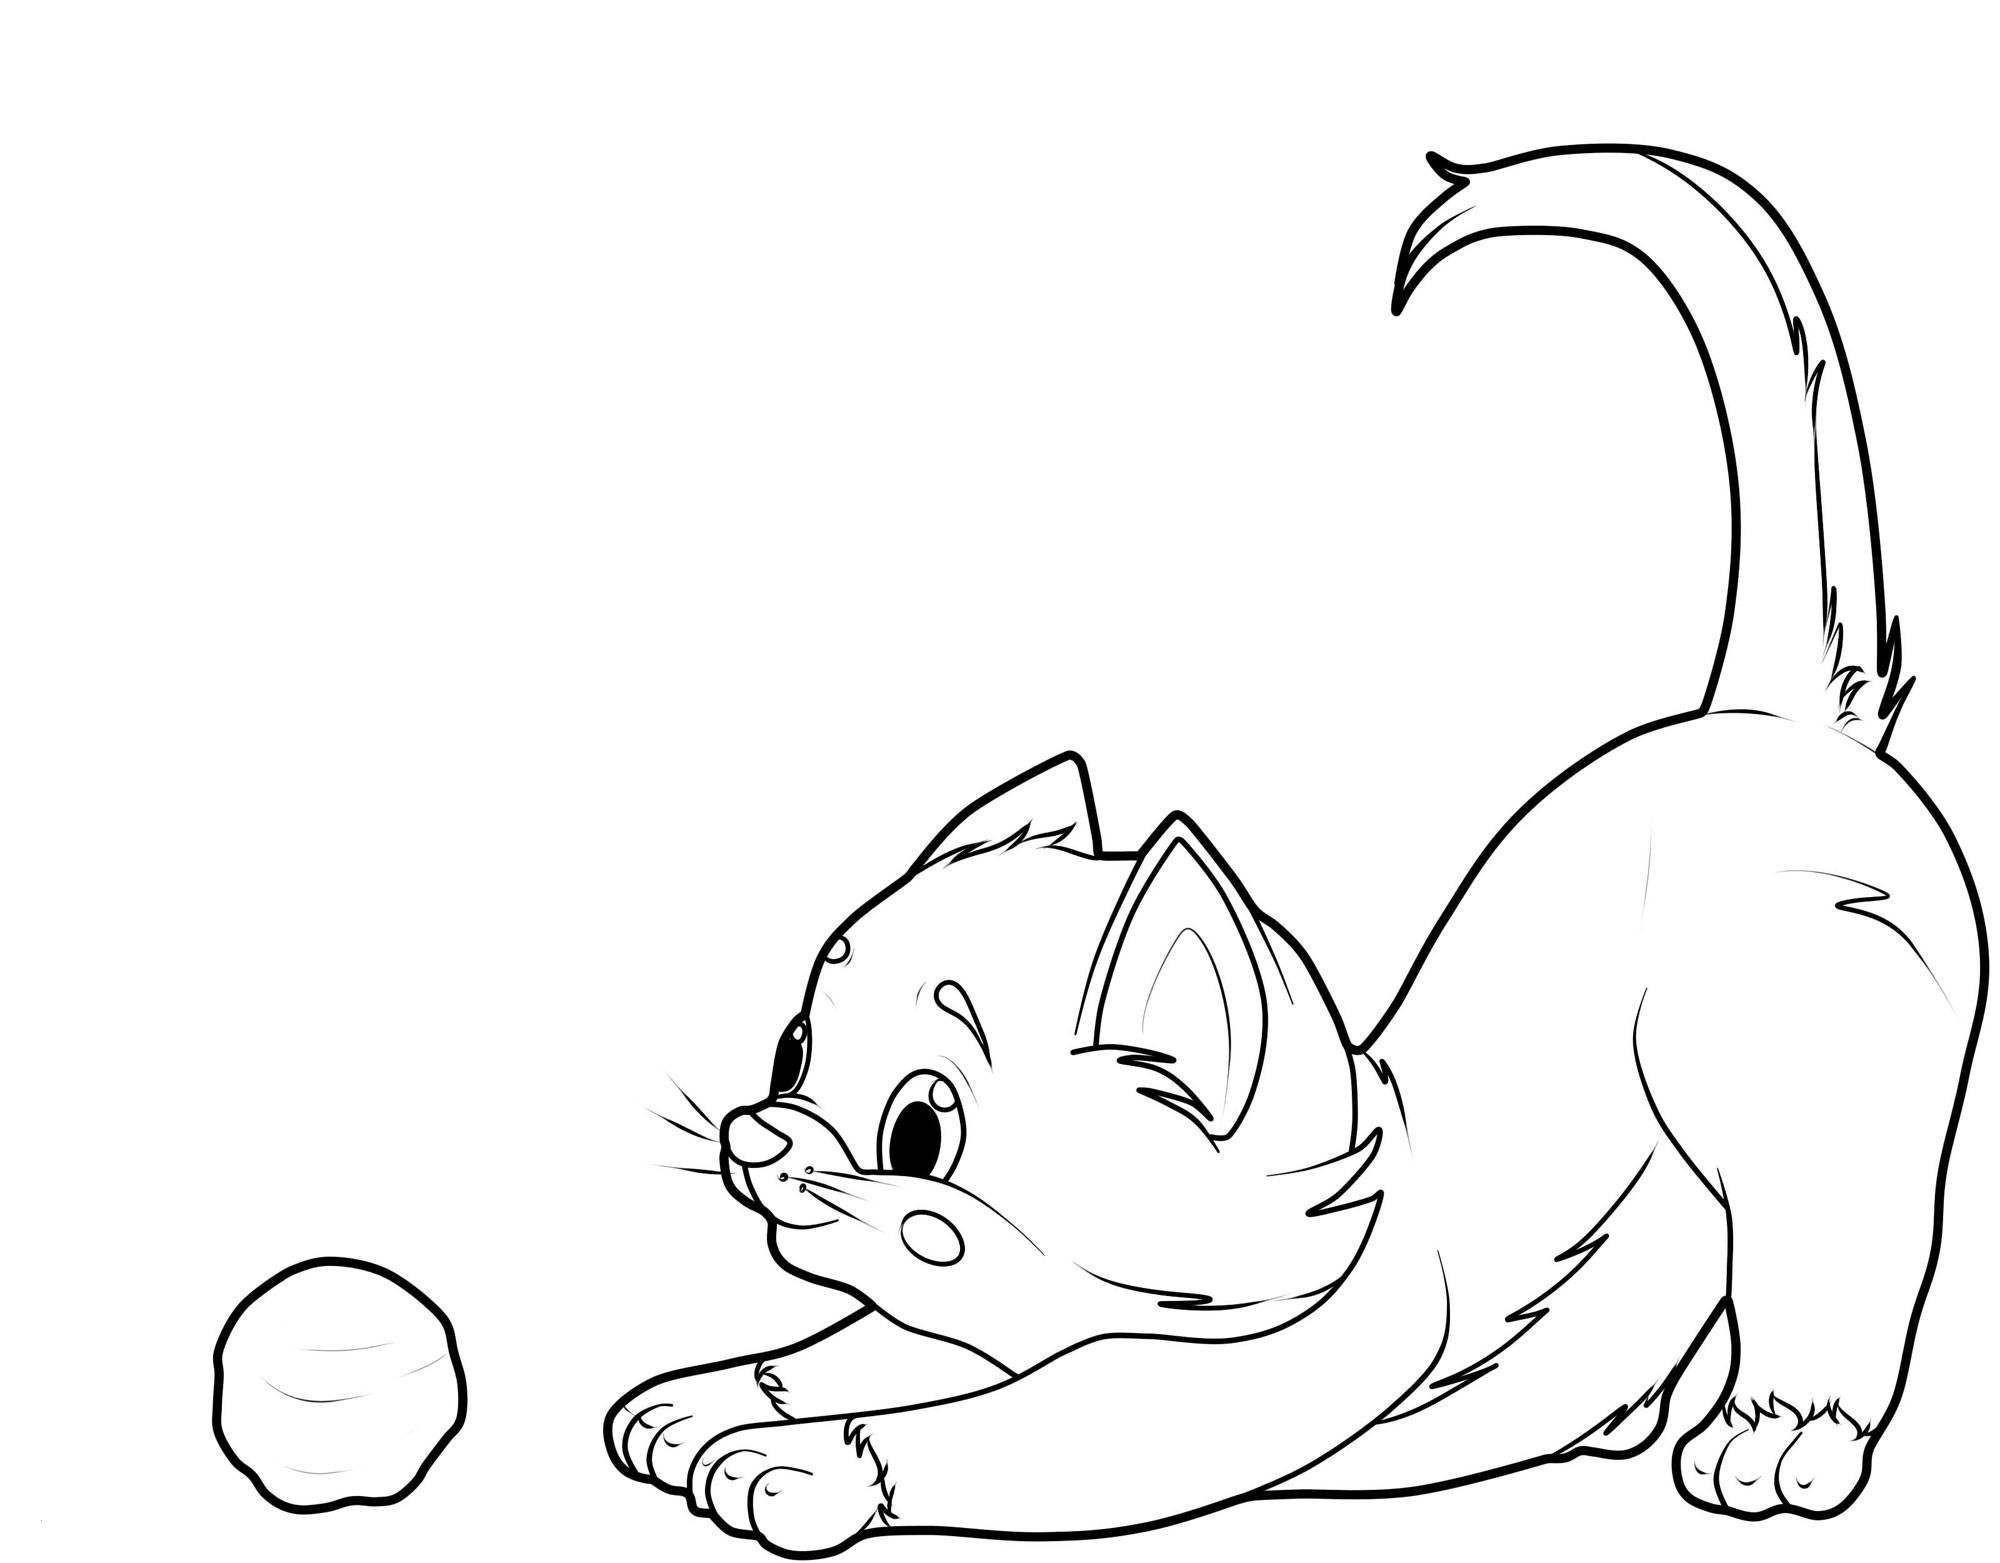 Ausmalbilder Katzen Kostenlos  Ausmalbilder Katzen Kostenlose Malvorlagen Zum